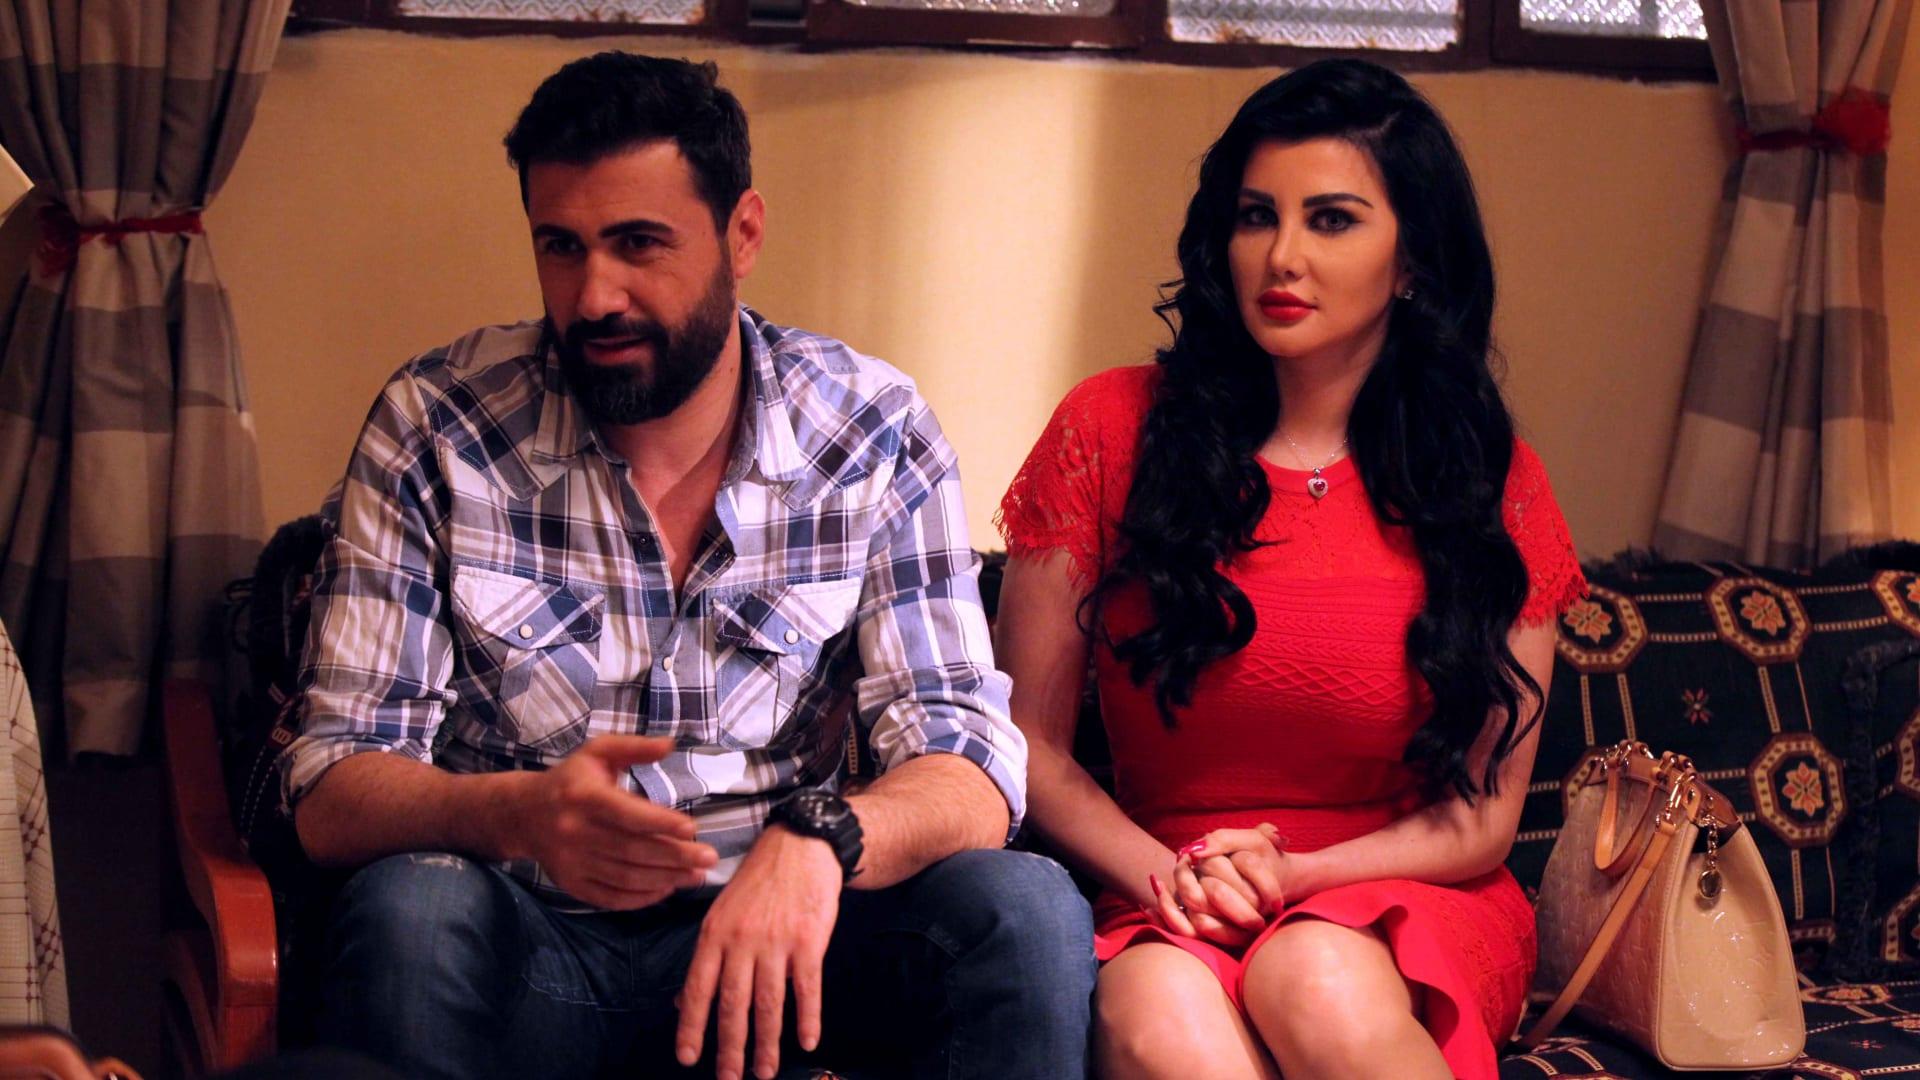 الممثلان السوريان خالد القيش وجيني أسبر في لقطة من المسلسل.